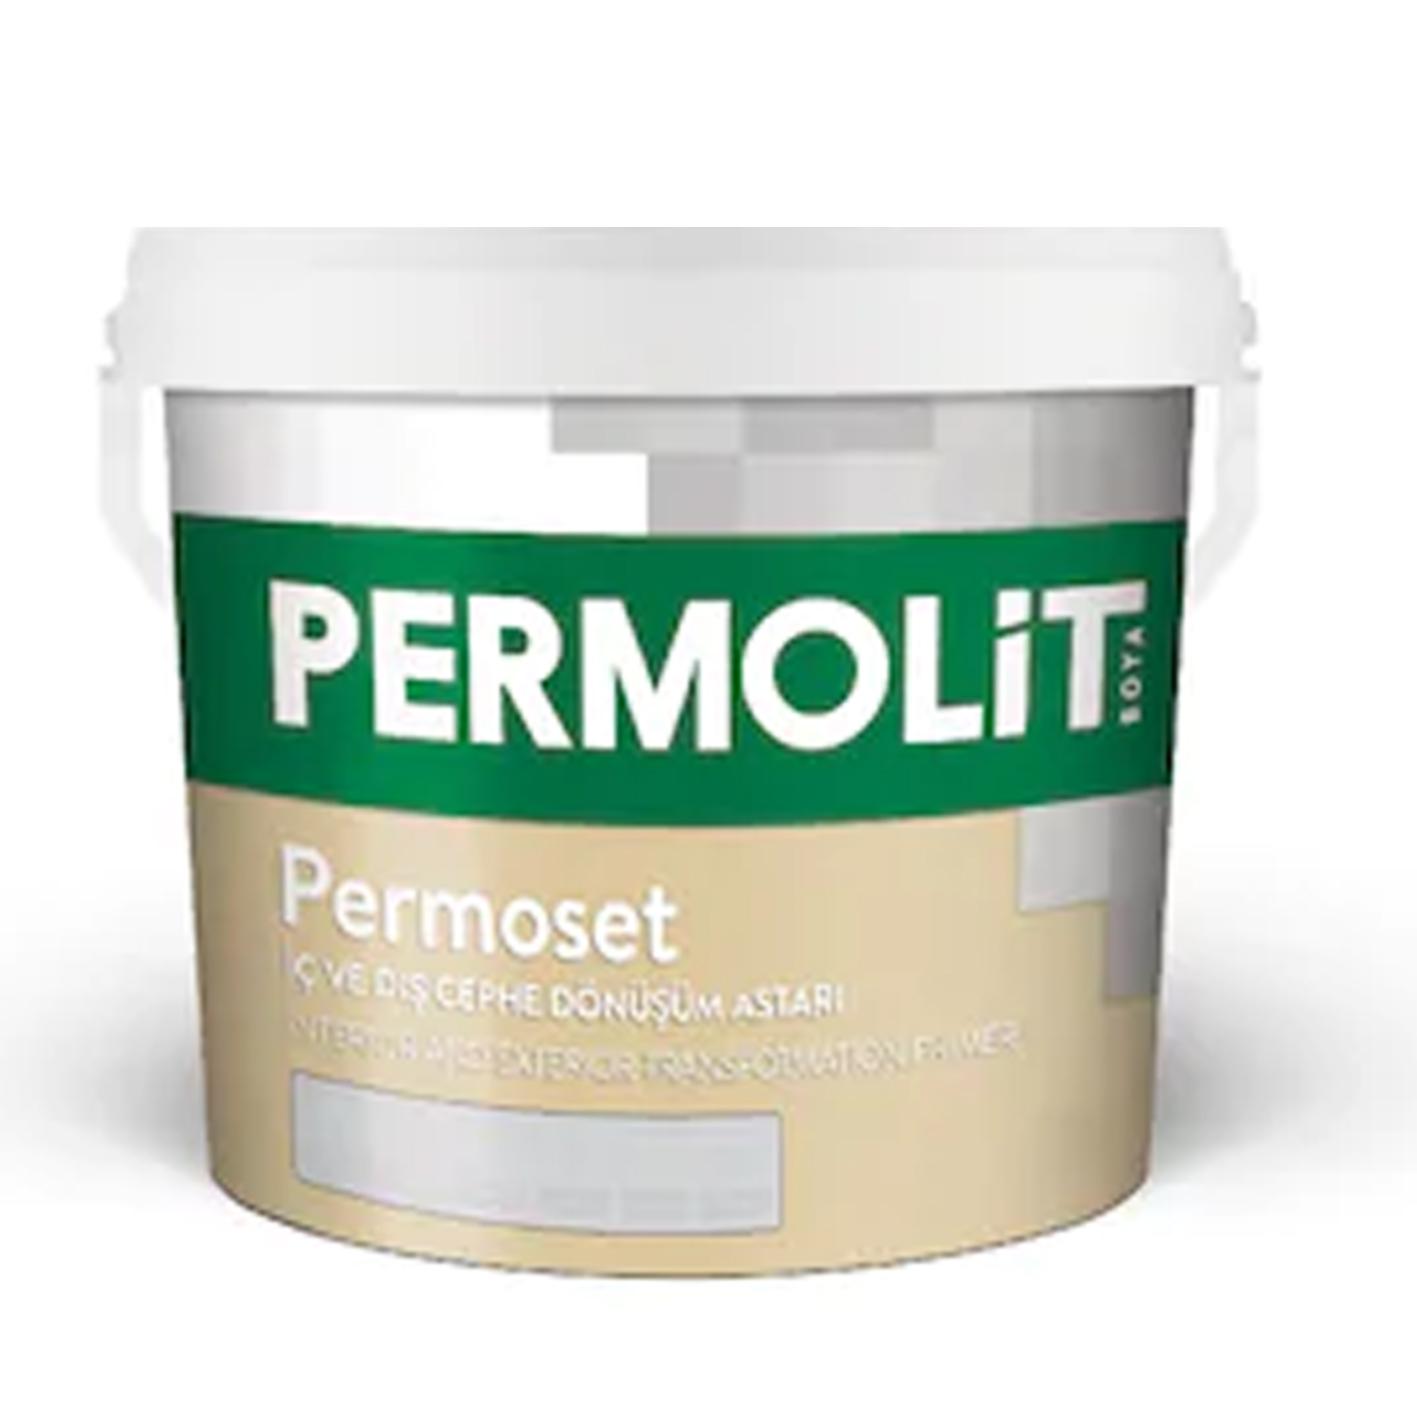 Permolit Permoset İç Dış Dönüşüm Astarı 20Kg